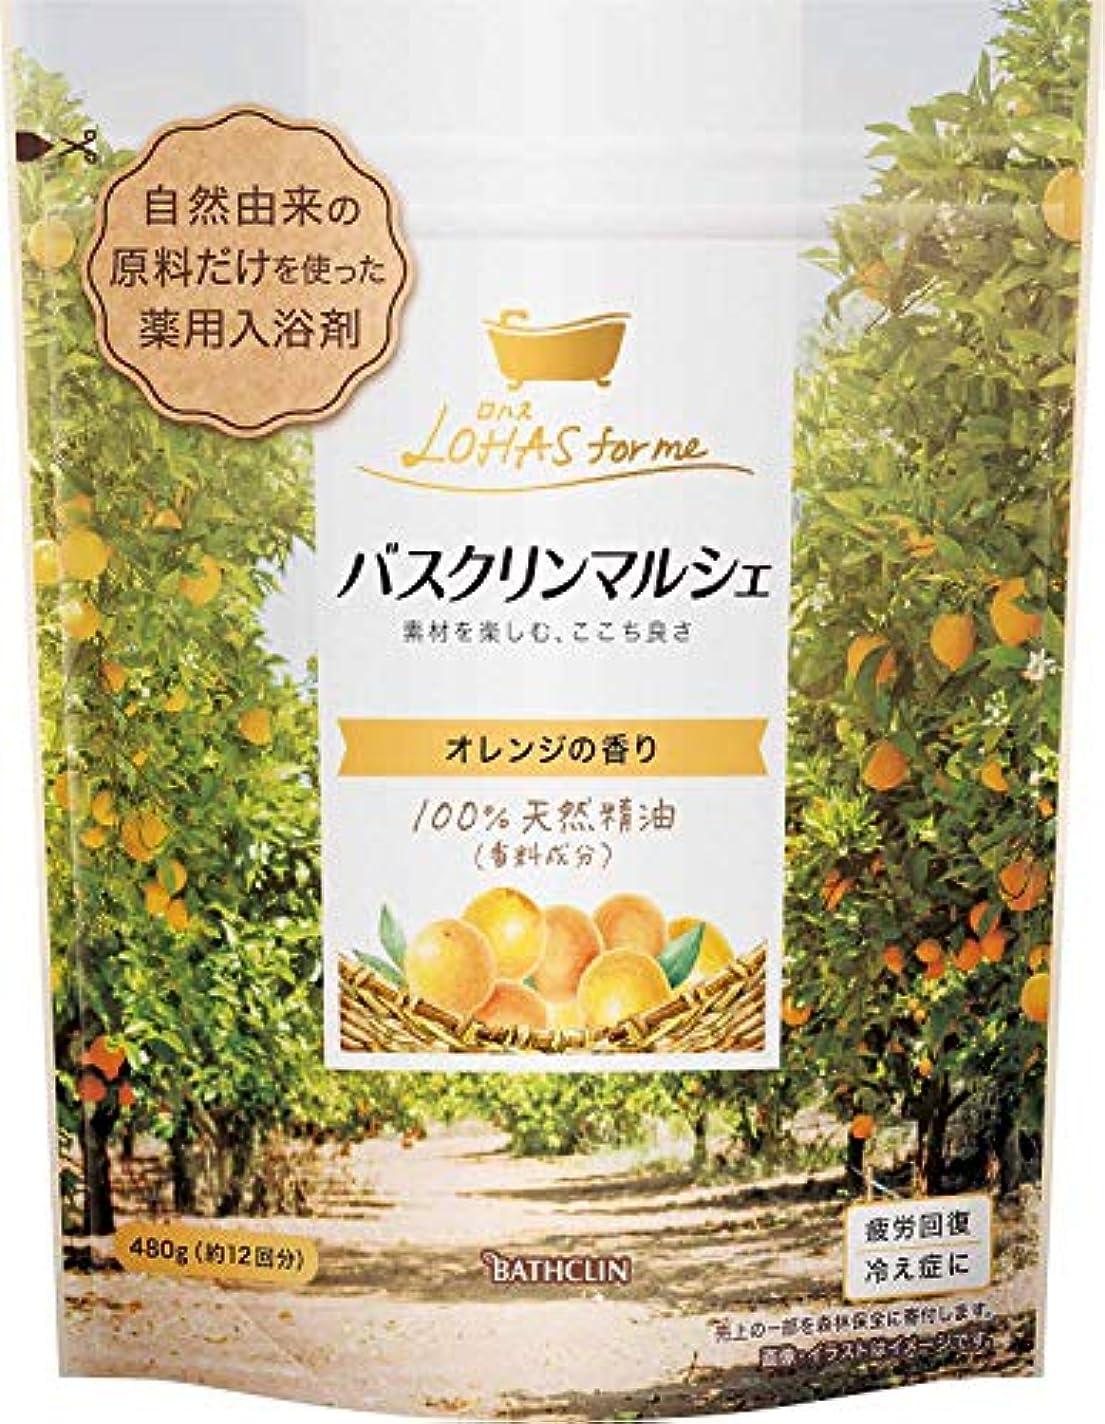 緑ディレクター木【医薬部外品/合成香料無添加】バスクリンマルシェ入浴剤 オレンジの香り480g 自然派ほのかなやさしい香り